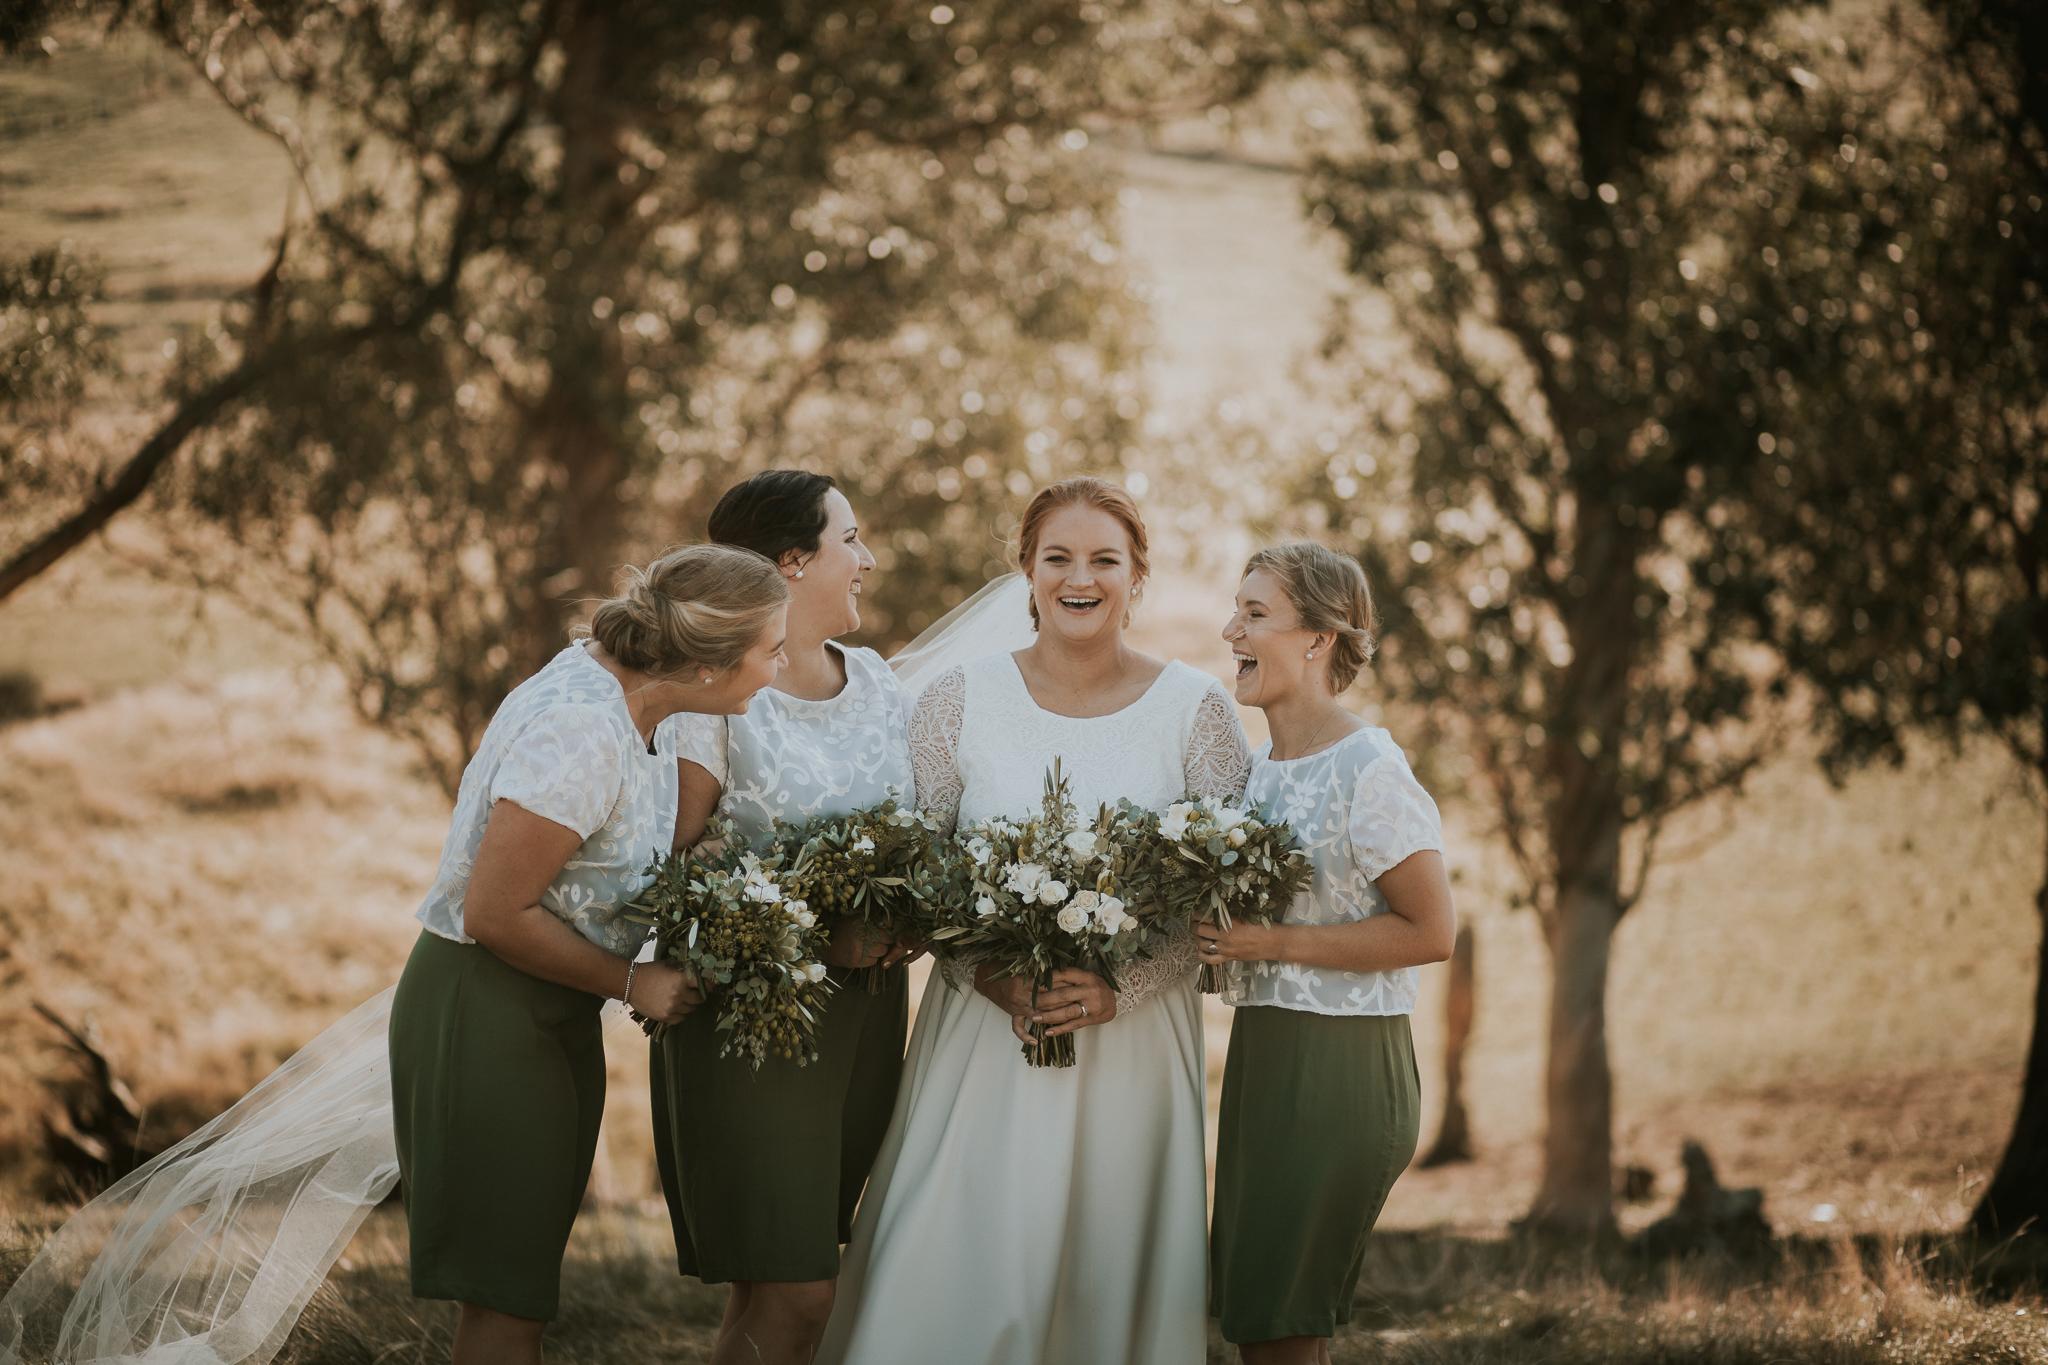 wedding photographer hawkes bay , Lisa Fisher Photography, Selini Winery Wedding -120.jpg